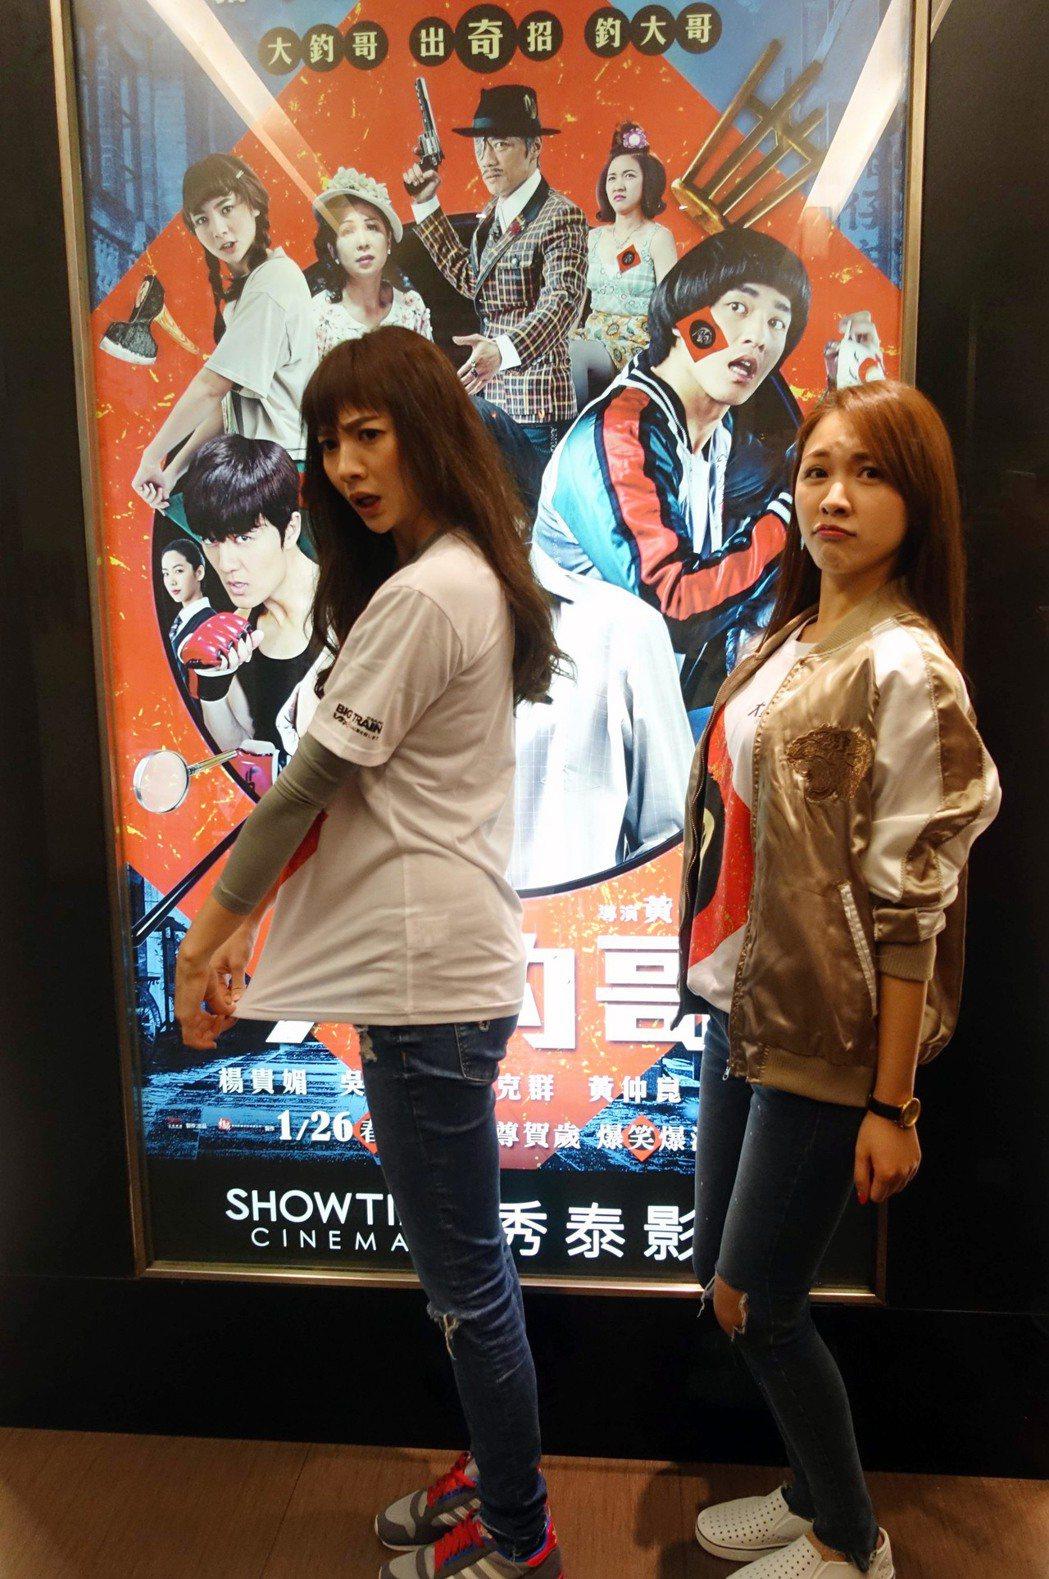 謝沛恩、林玟誼搞笑模仿「大釣哥」電影海報。圖/華聯提供